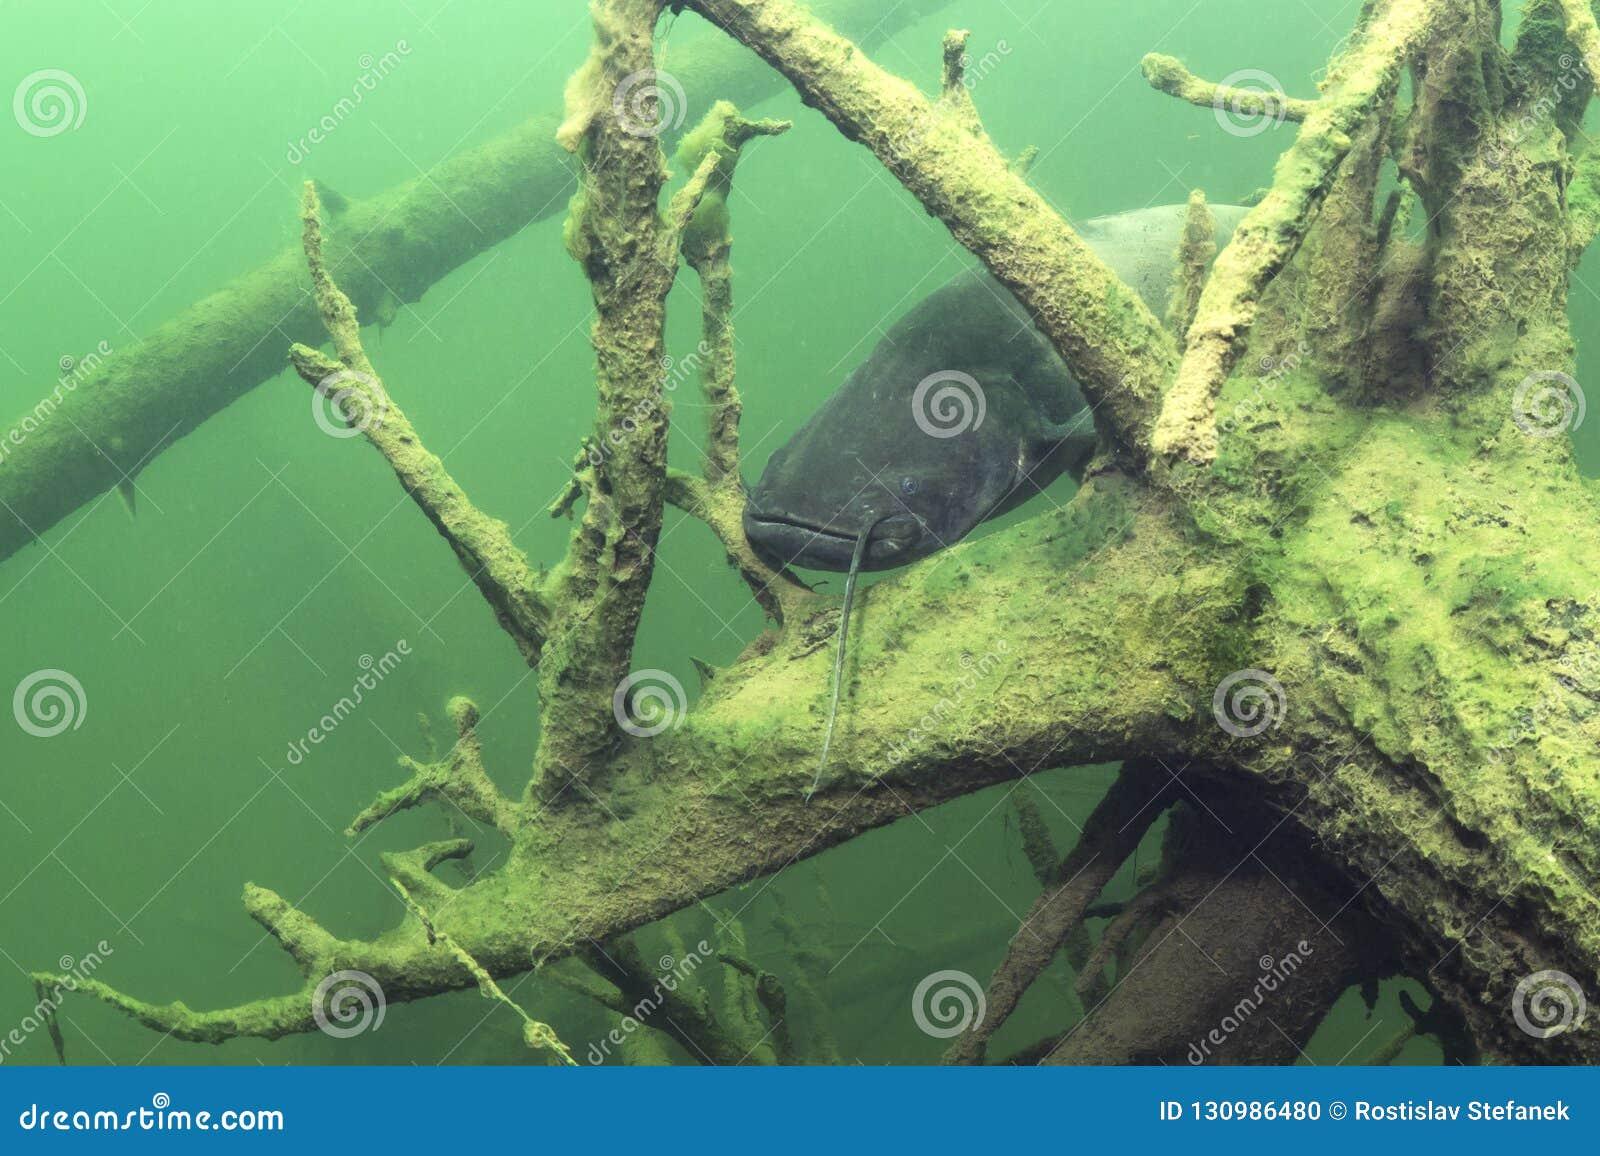 Του γλυκού νερού glanis Silurus γατόψαρων ψαριών ευρωπαϊκά υποβρύχια